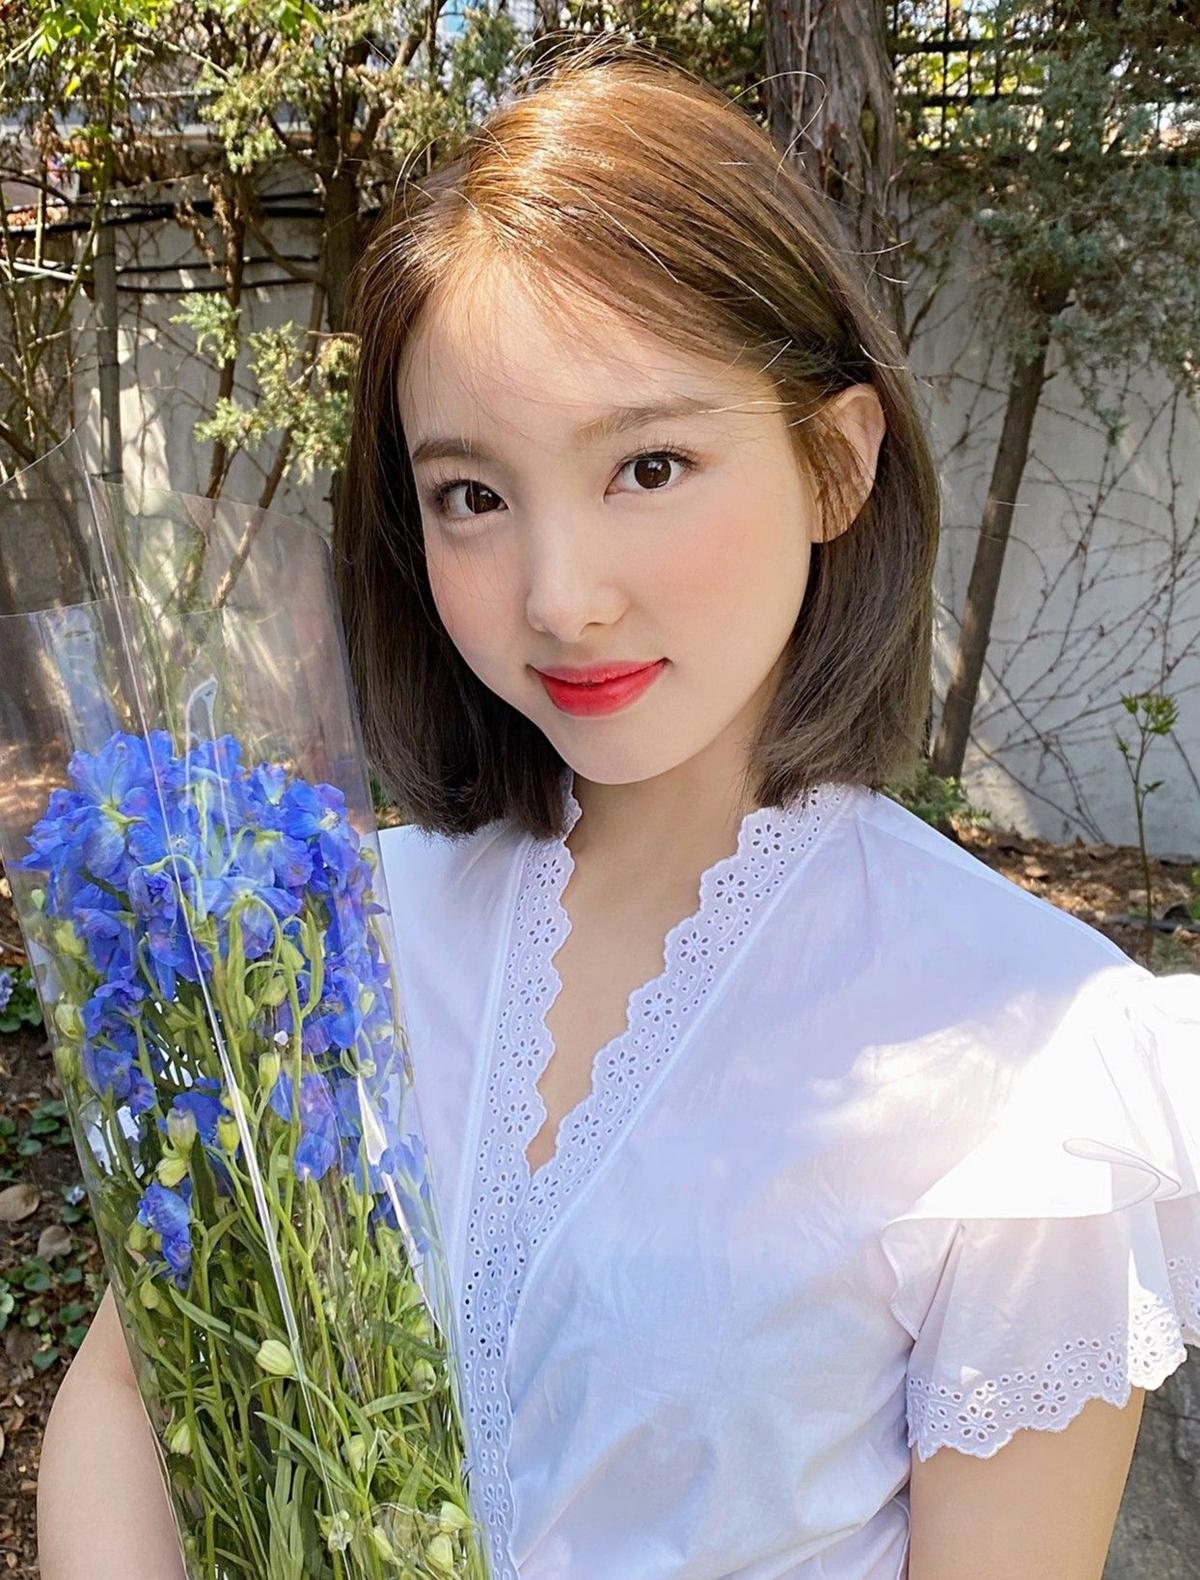 Côi F5 hình ảnh bằng style tóc ngắn năng động trong đợt comeback More and More hồi tháng 6.